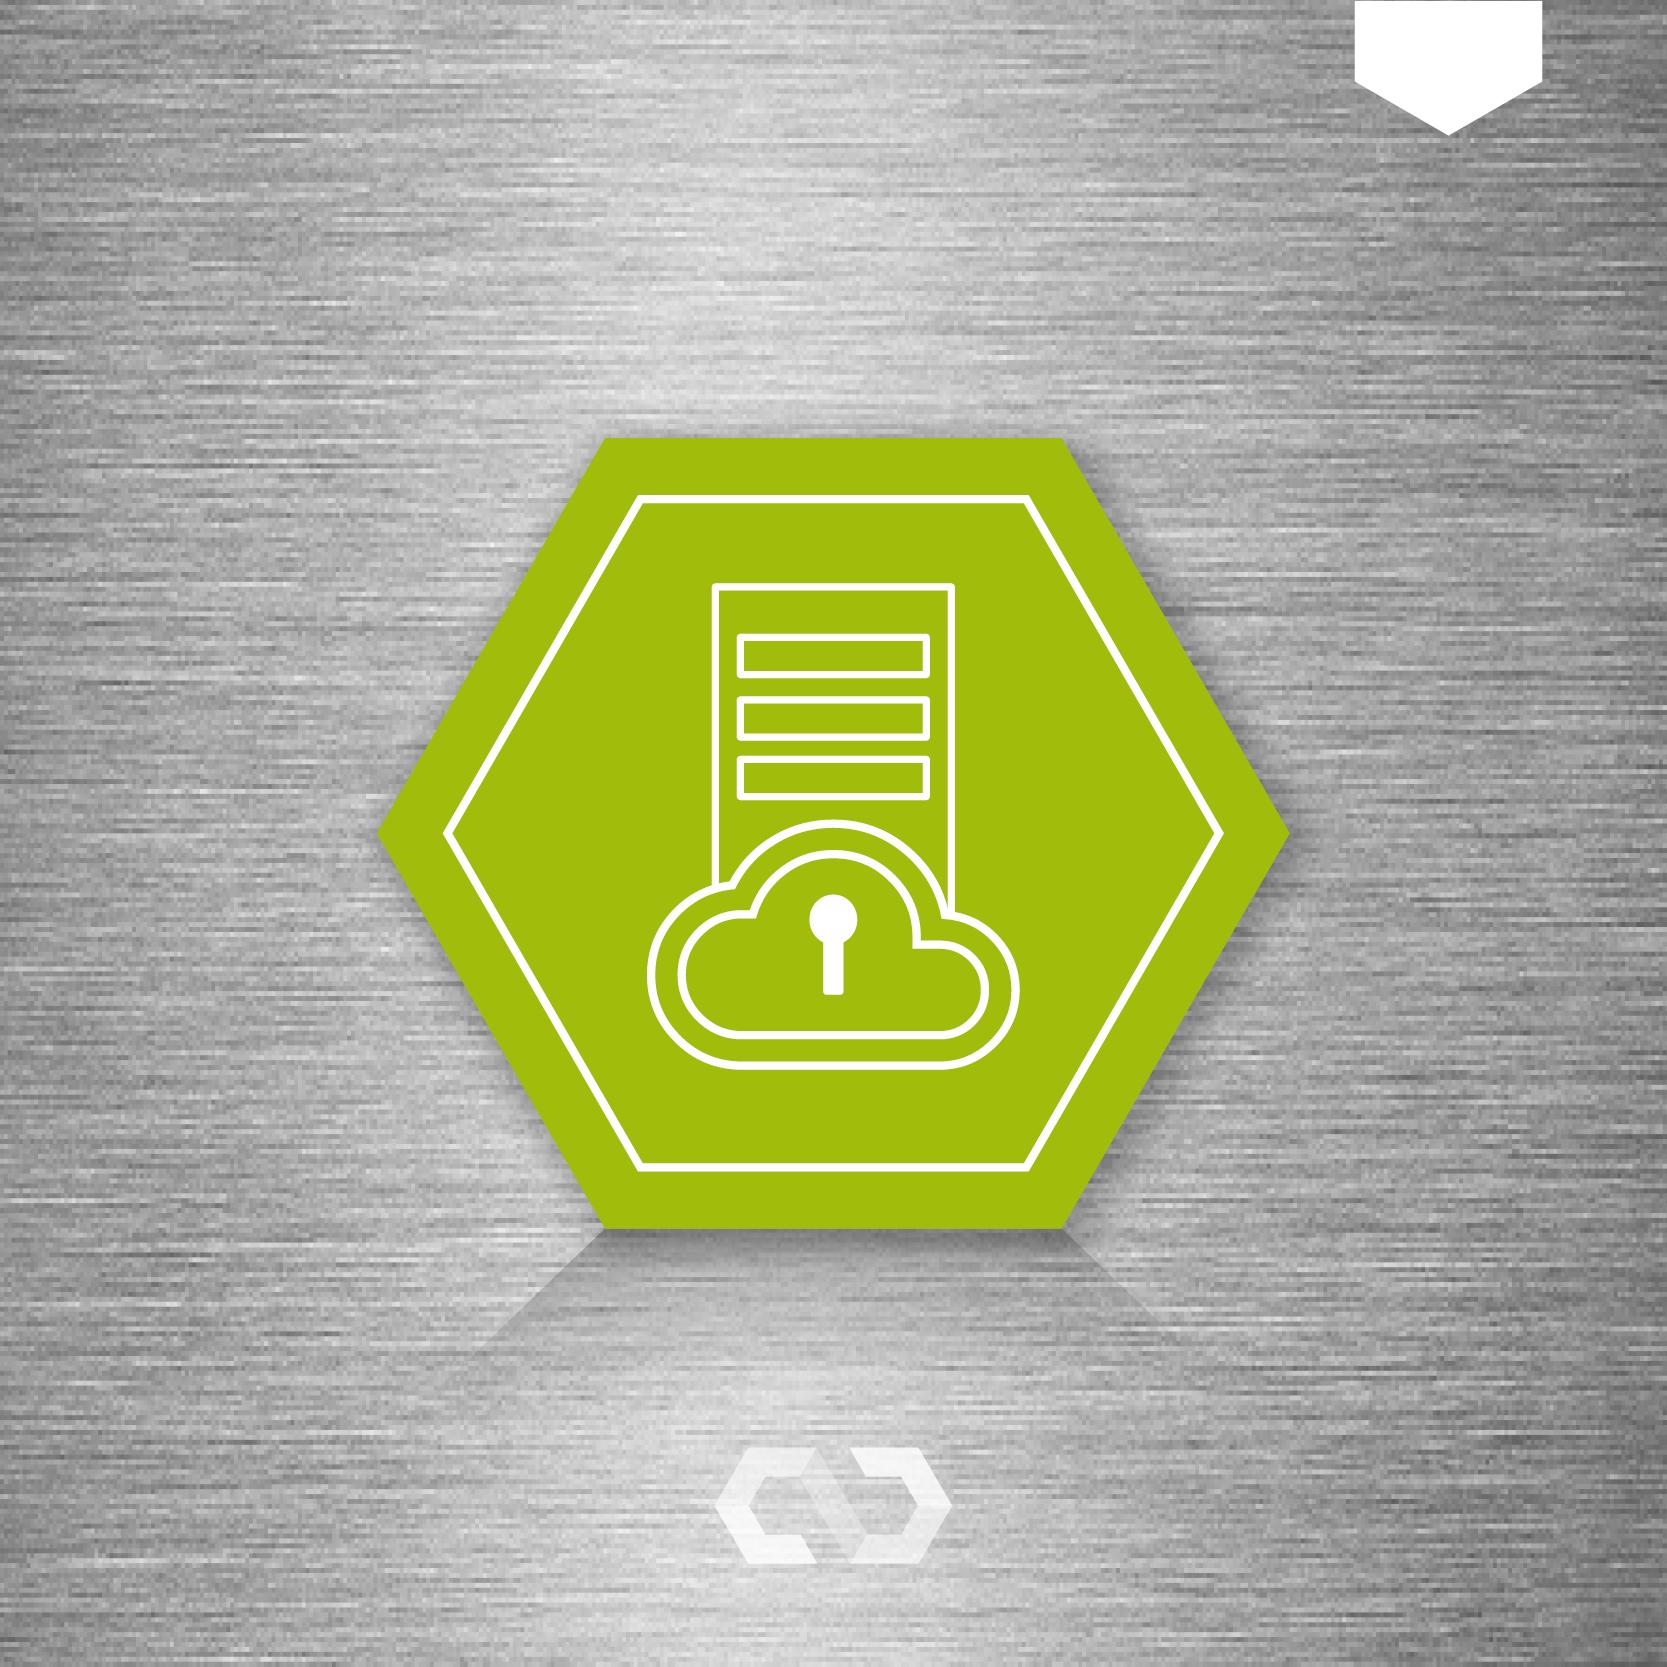 icon-subprocess-eTMF